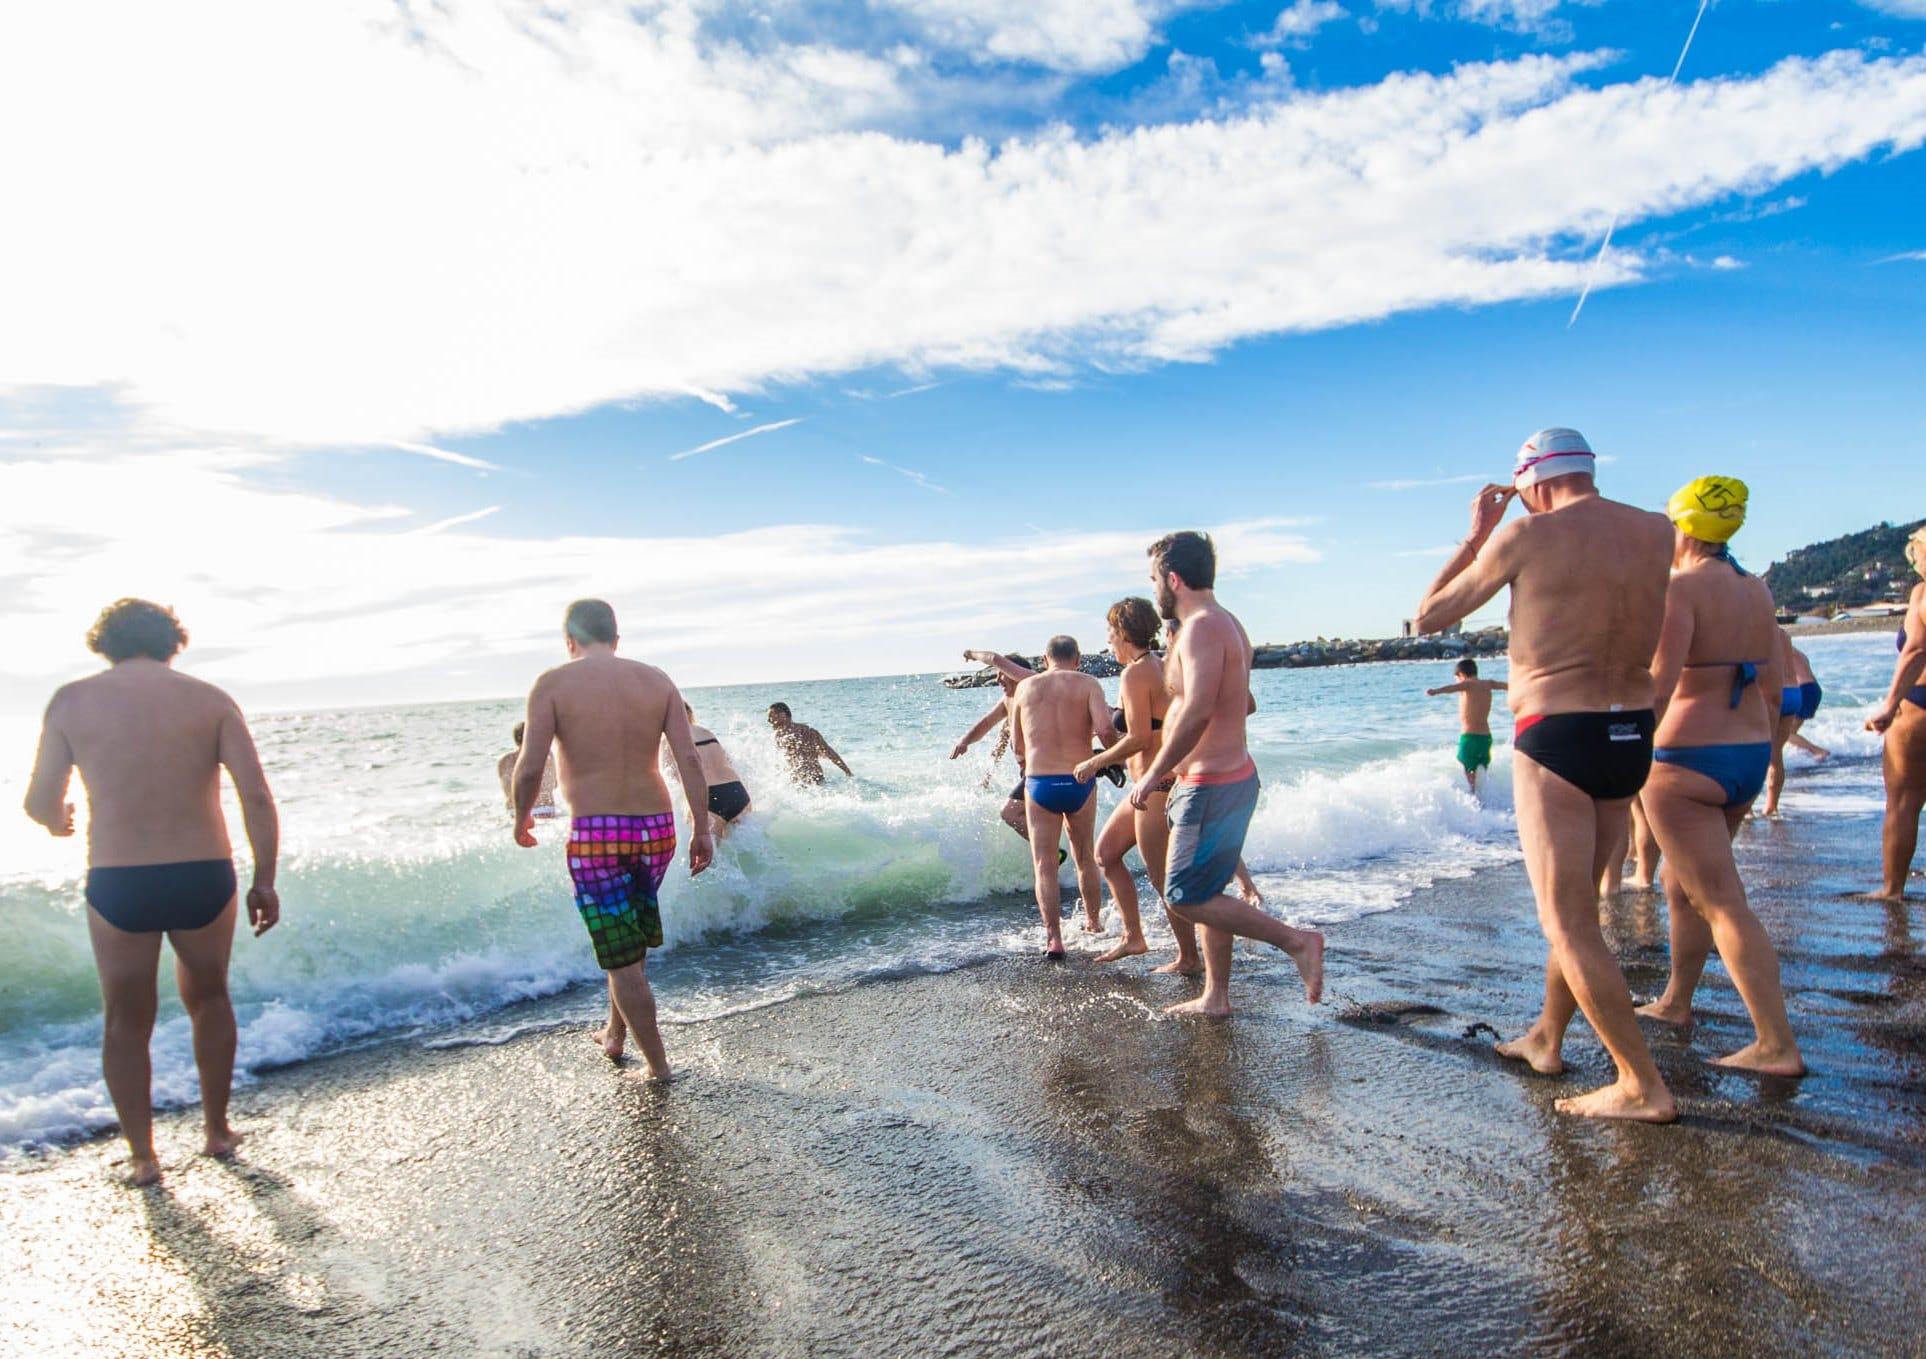 La tradizione ligure del cimento invernale in mare